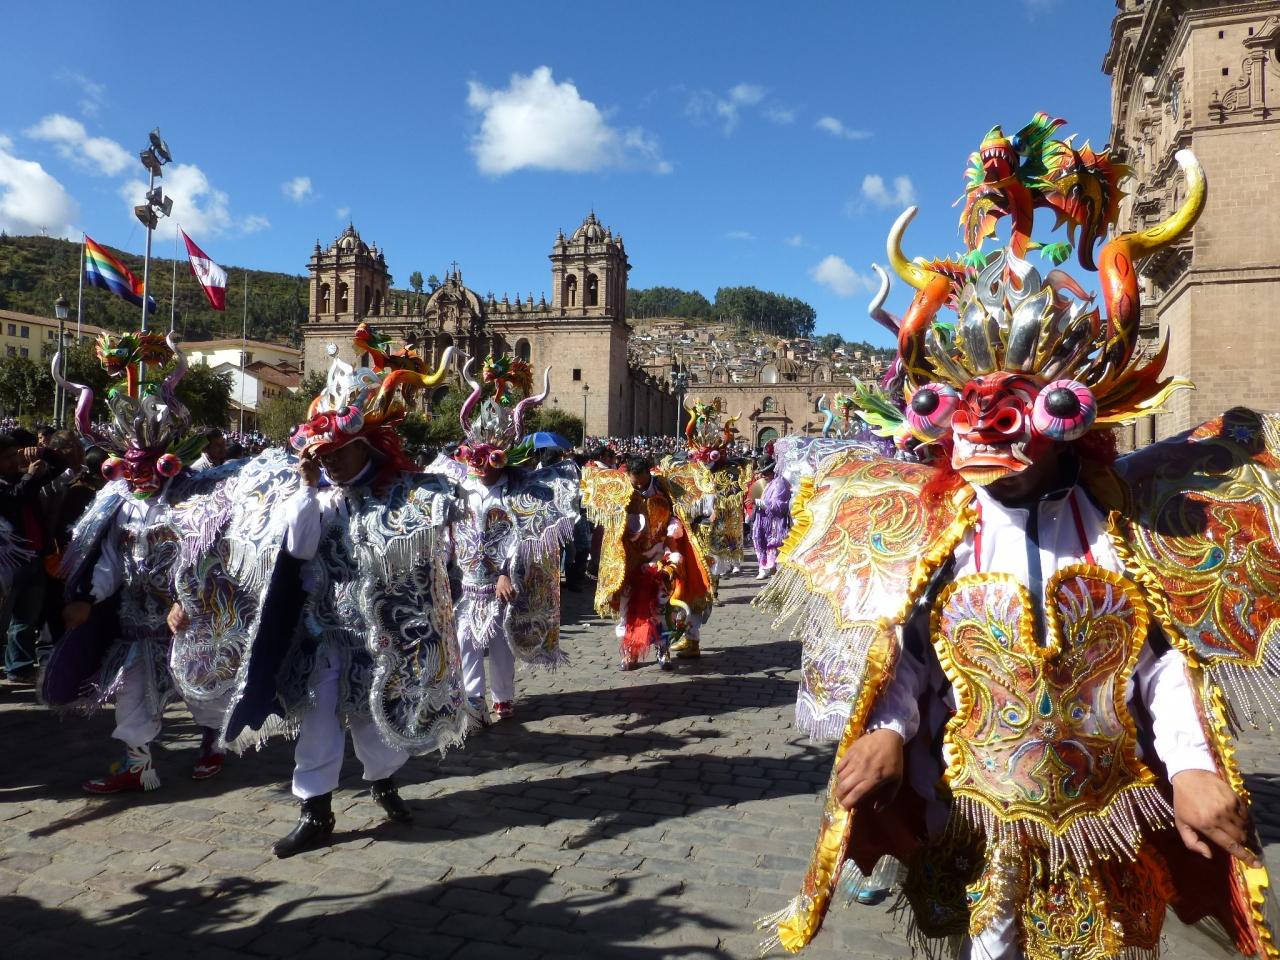 賑やかなカーニバルで盛りあがるクスコの街